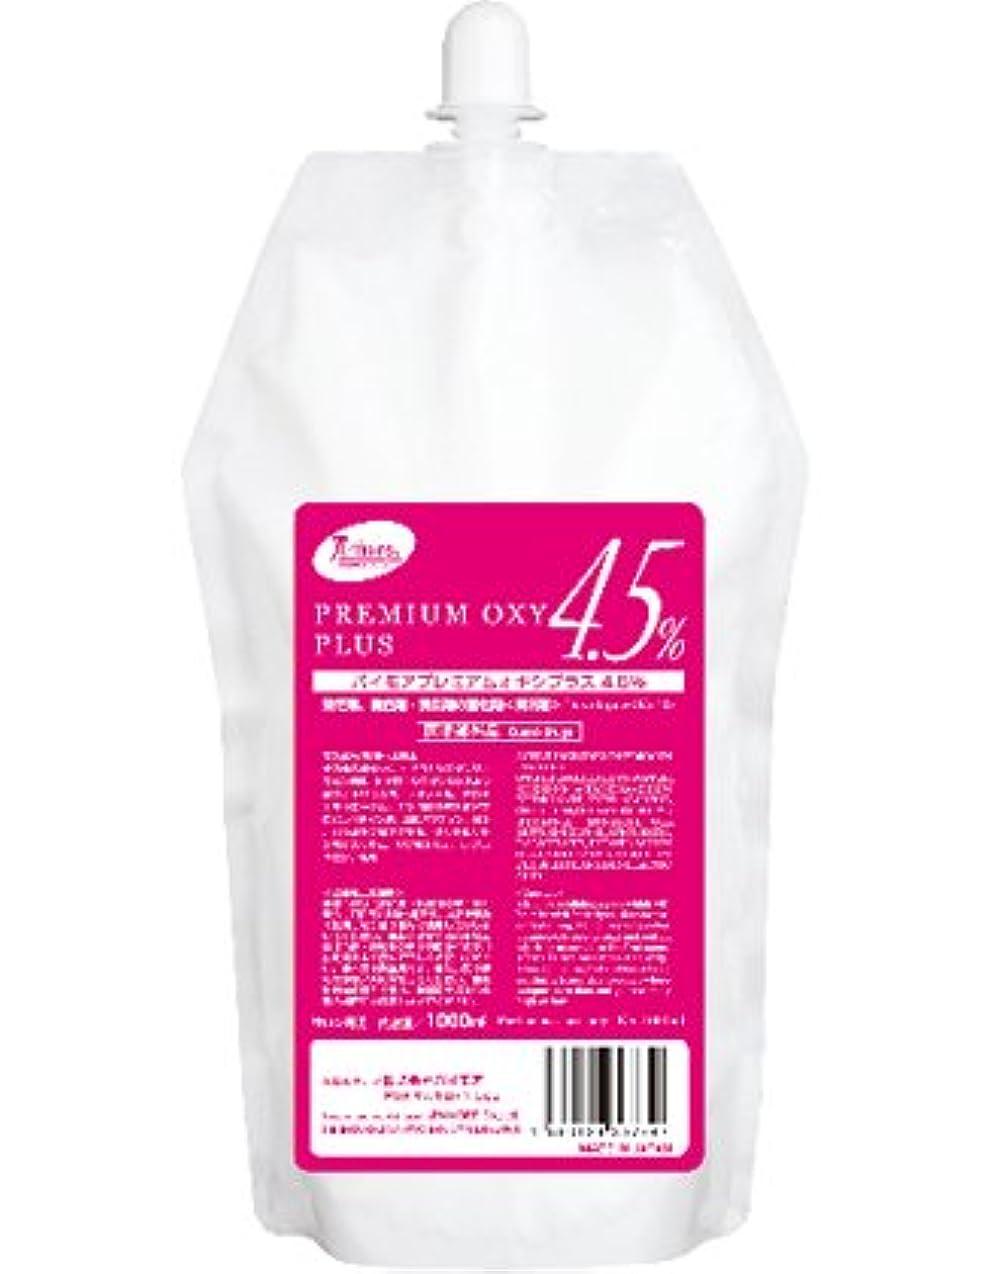 抹消経歴残りパイモア プレミアムオキシプラス 4.5%(パウチタイプ) 1000ml [医薬部外品]